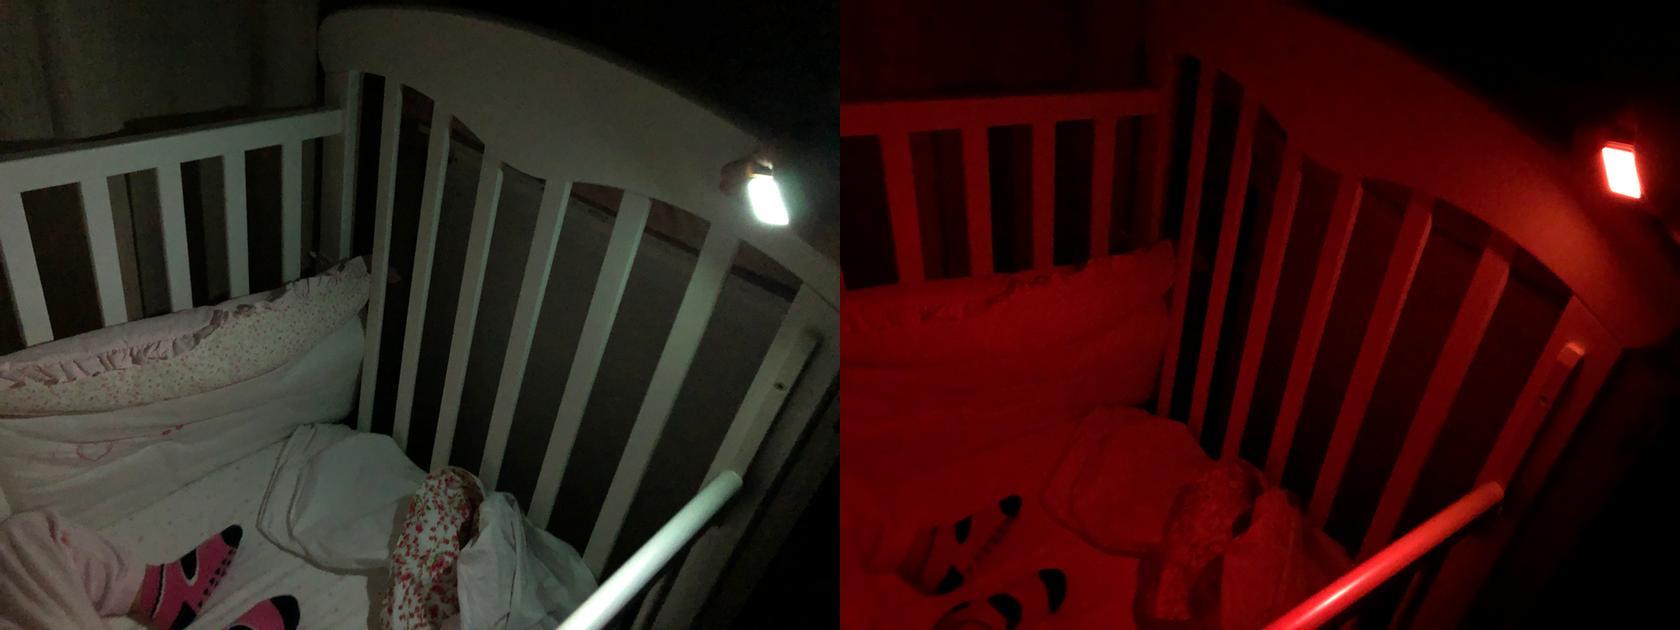 Luz da lanterna do Apple Watch no tom branco (esquerda) e vermelho (direita)